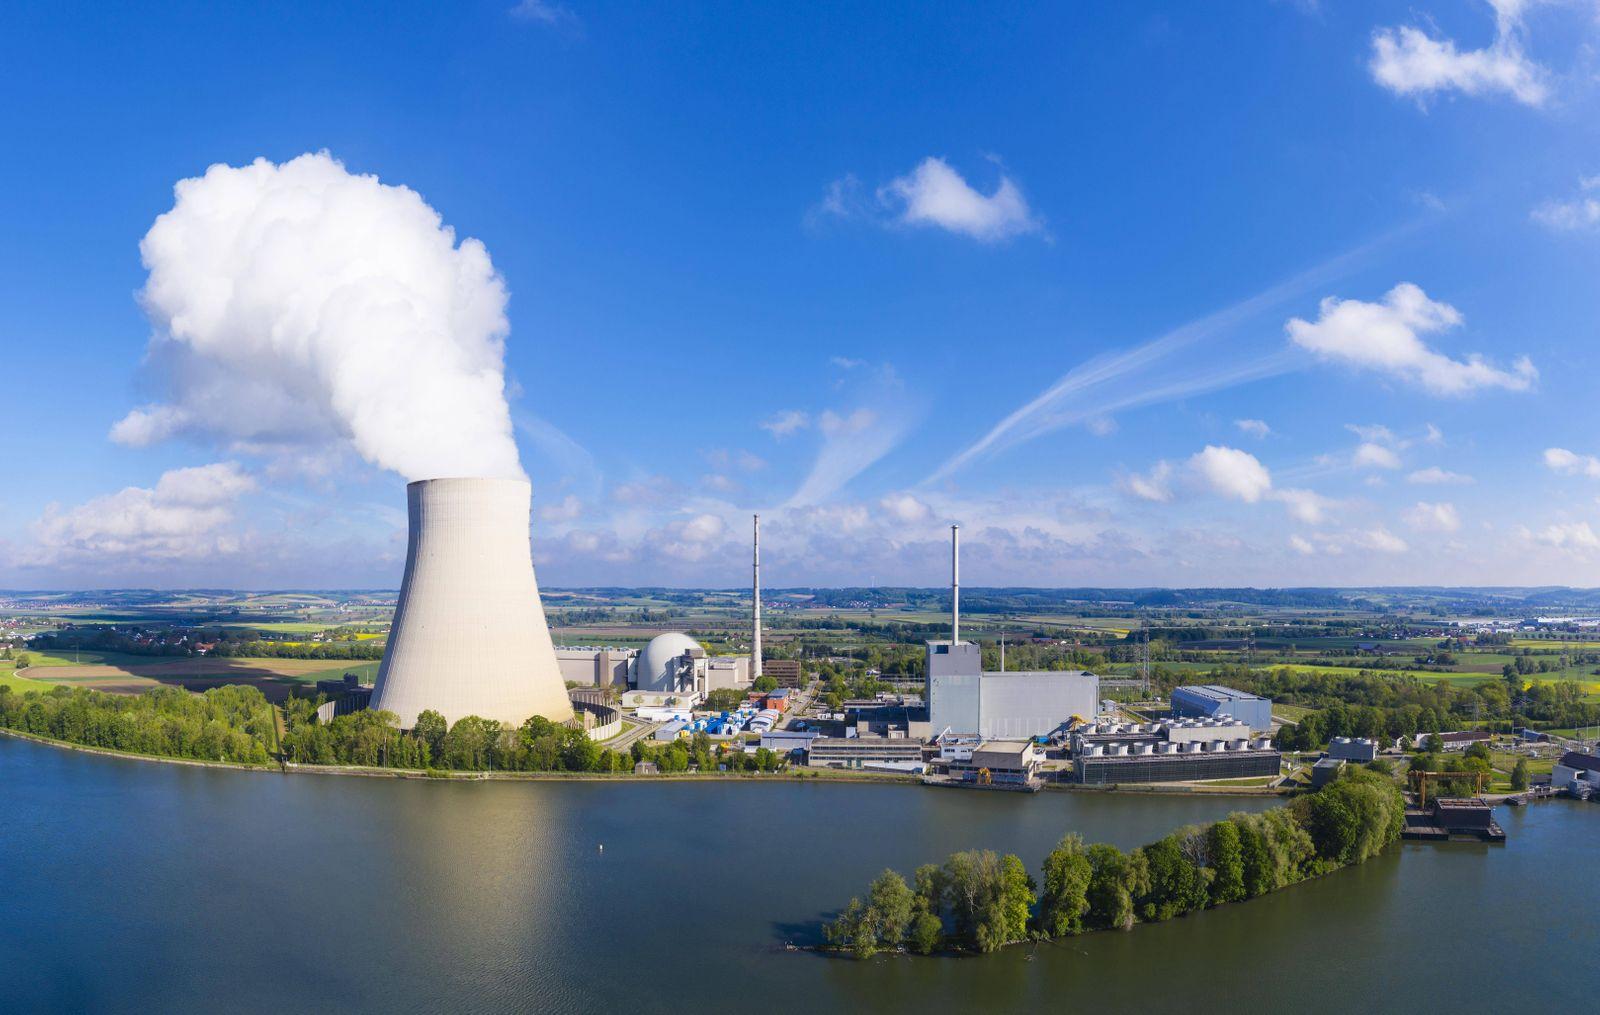 Kernkraftwerk Isar I und Isar II am Stausee Niederaichbach Isar bei Landshut Niederbayern Bayern